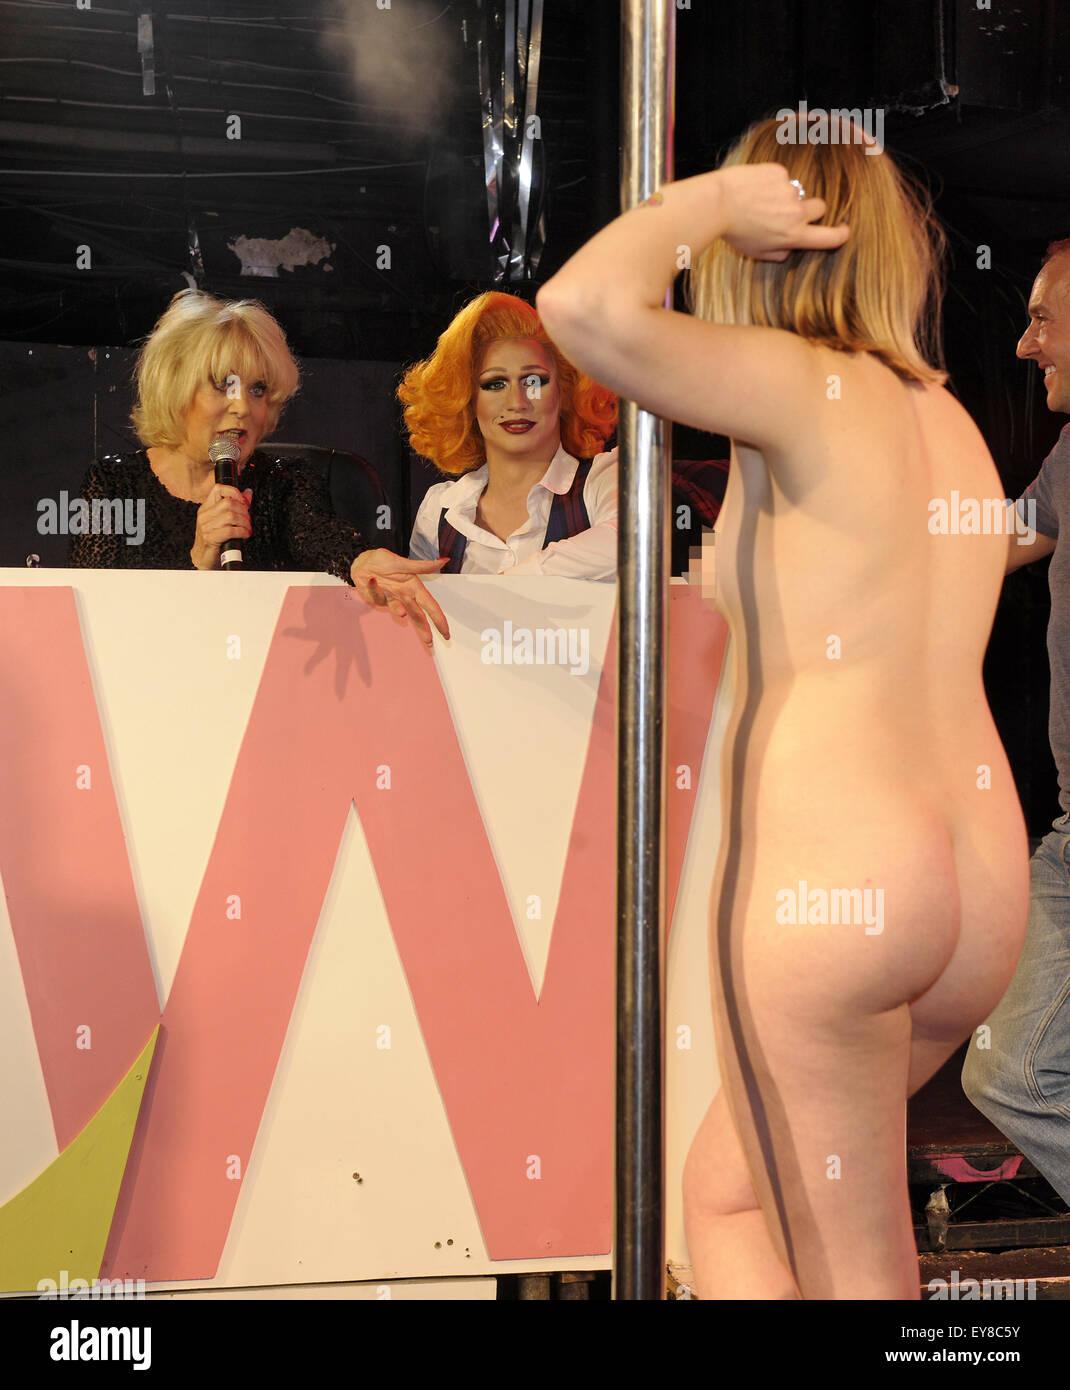 String bikini models nude